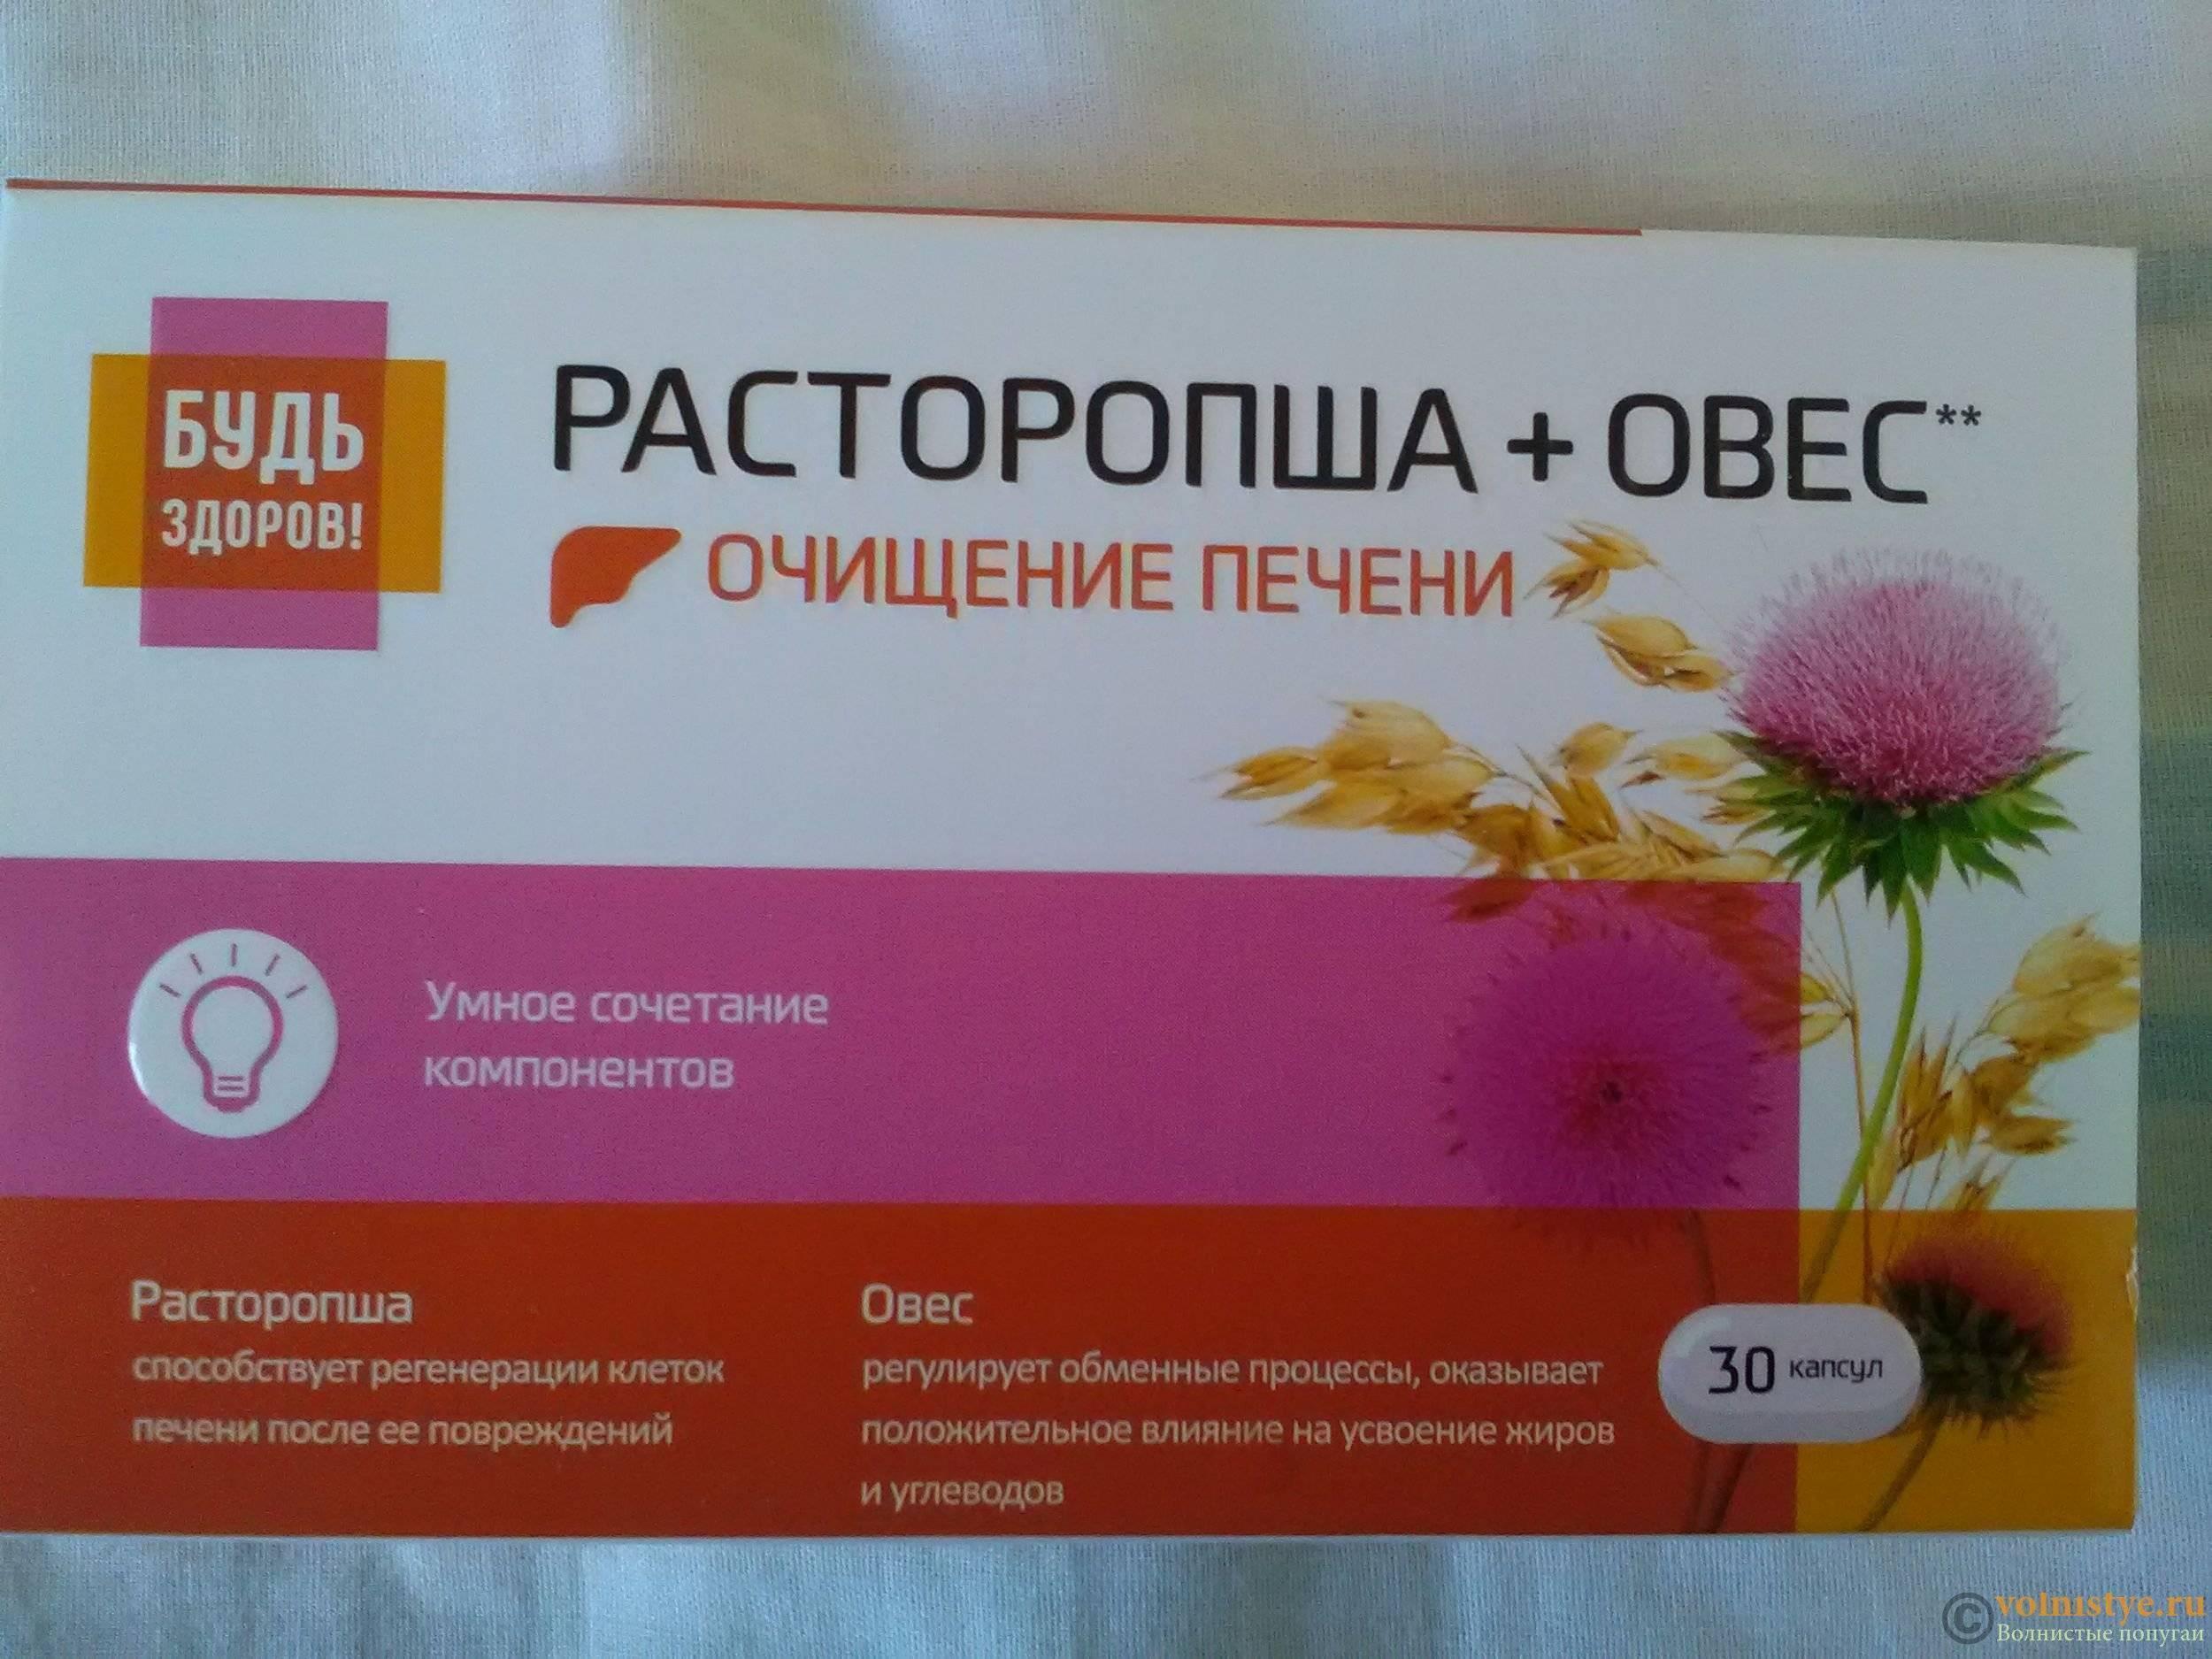 Лечение цирроза печени народными средствами: самые эффективные травы и рецепты